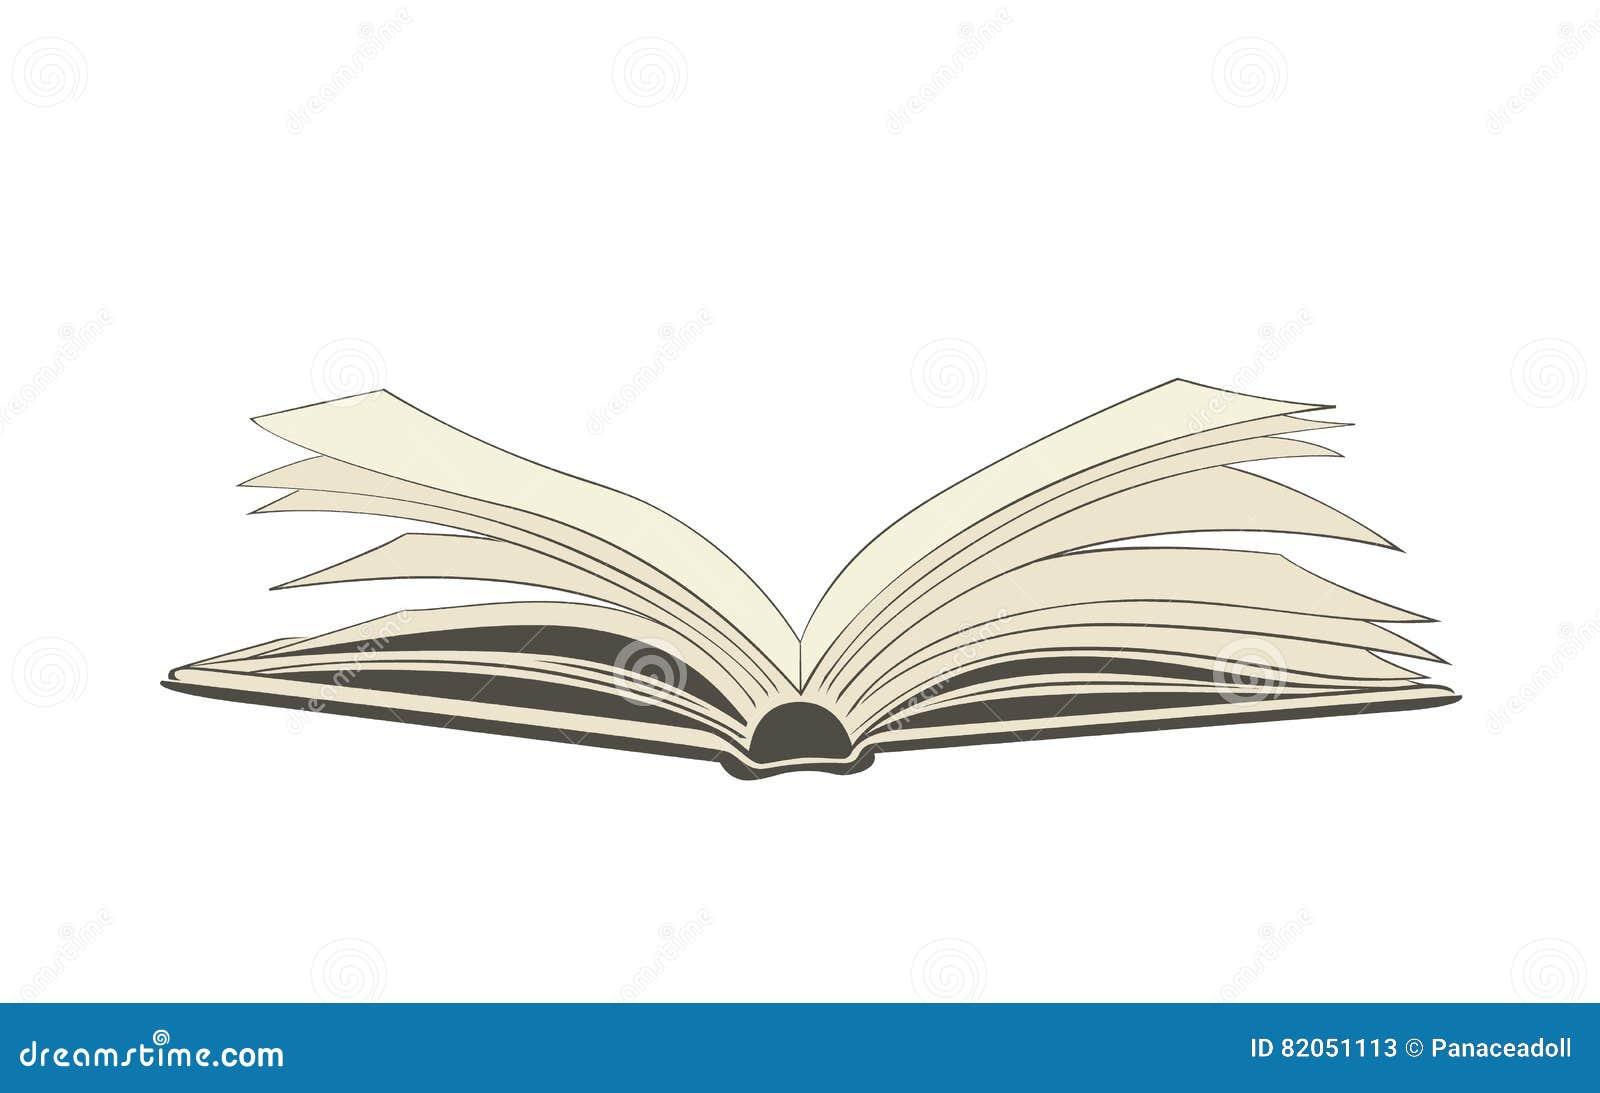 Dibujo De Un Libro Abierto Stock De Ilustración